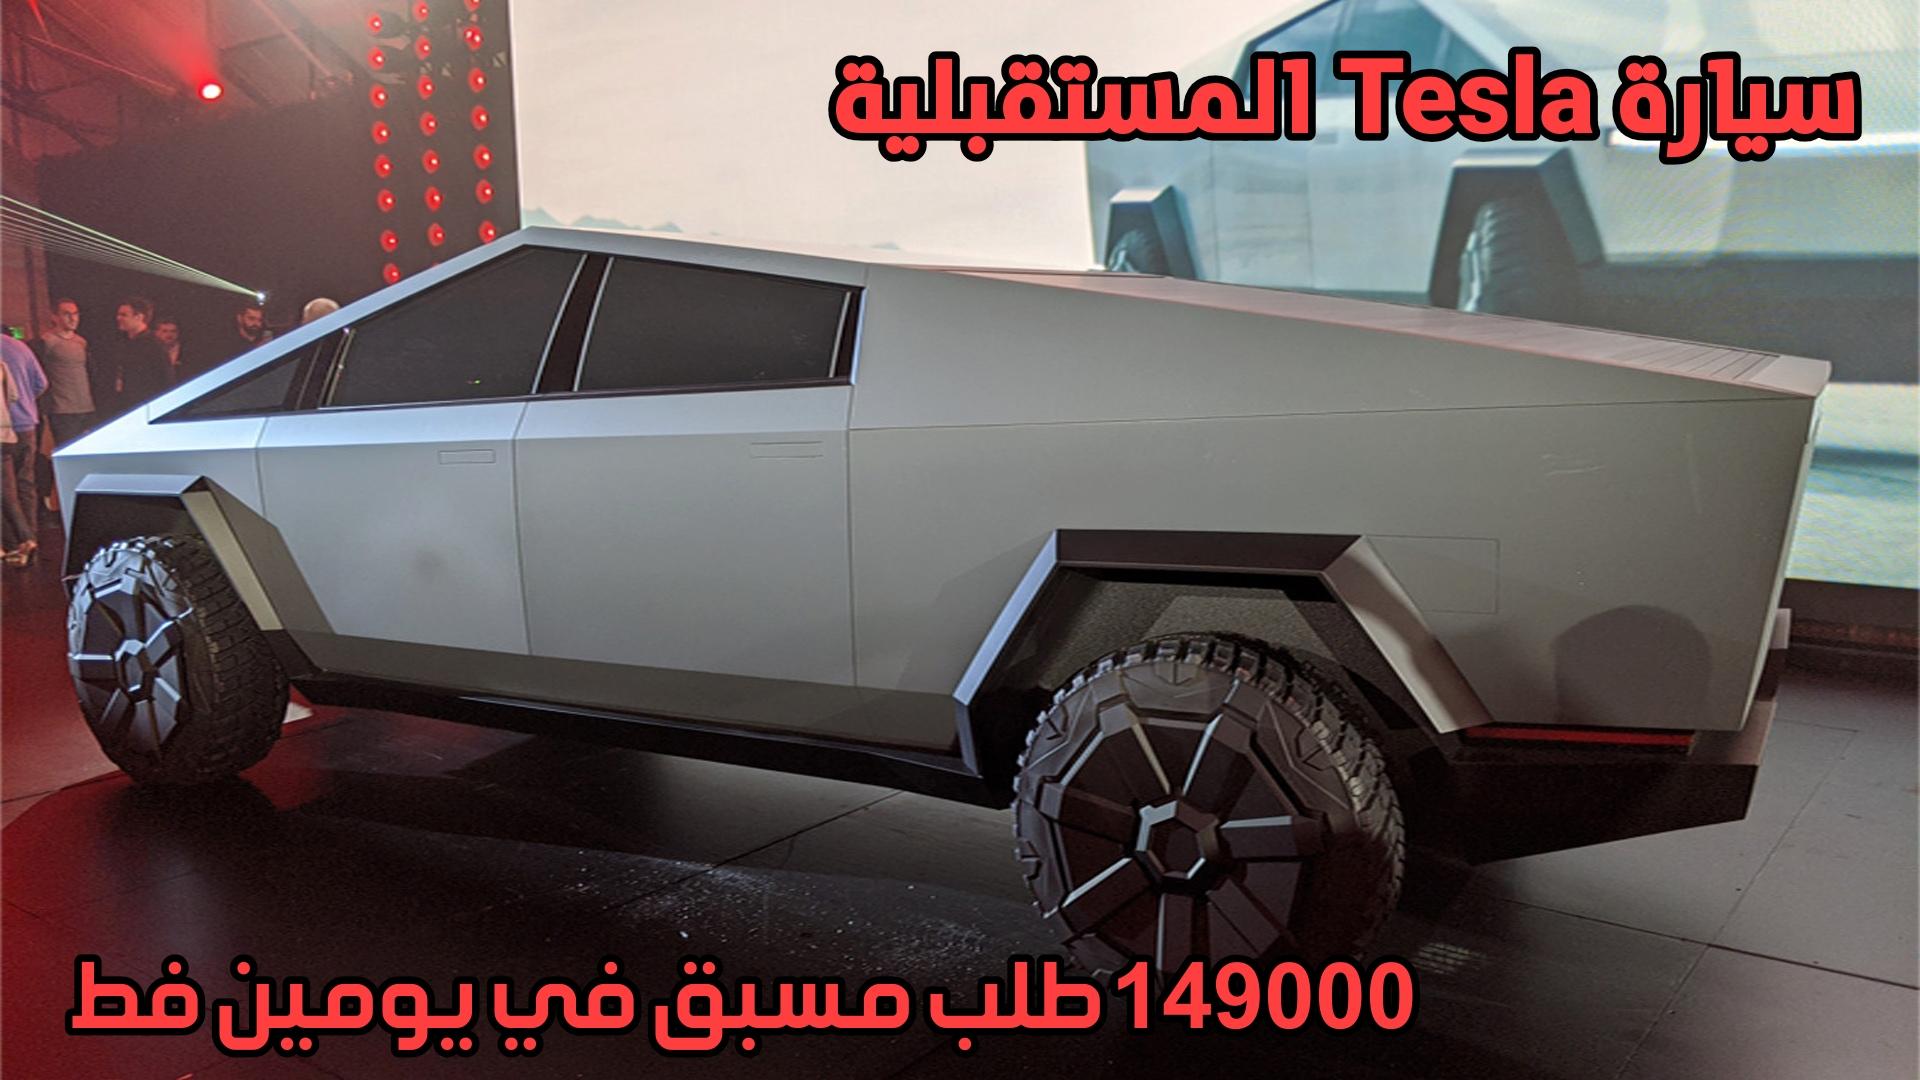 سيارة Tesla Cybertruck المستقبلية بلغ الطلب المسبق عليها 146,000 طلب